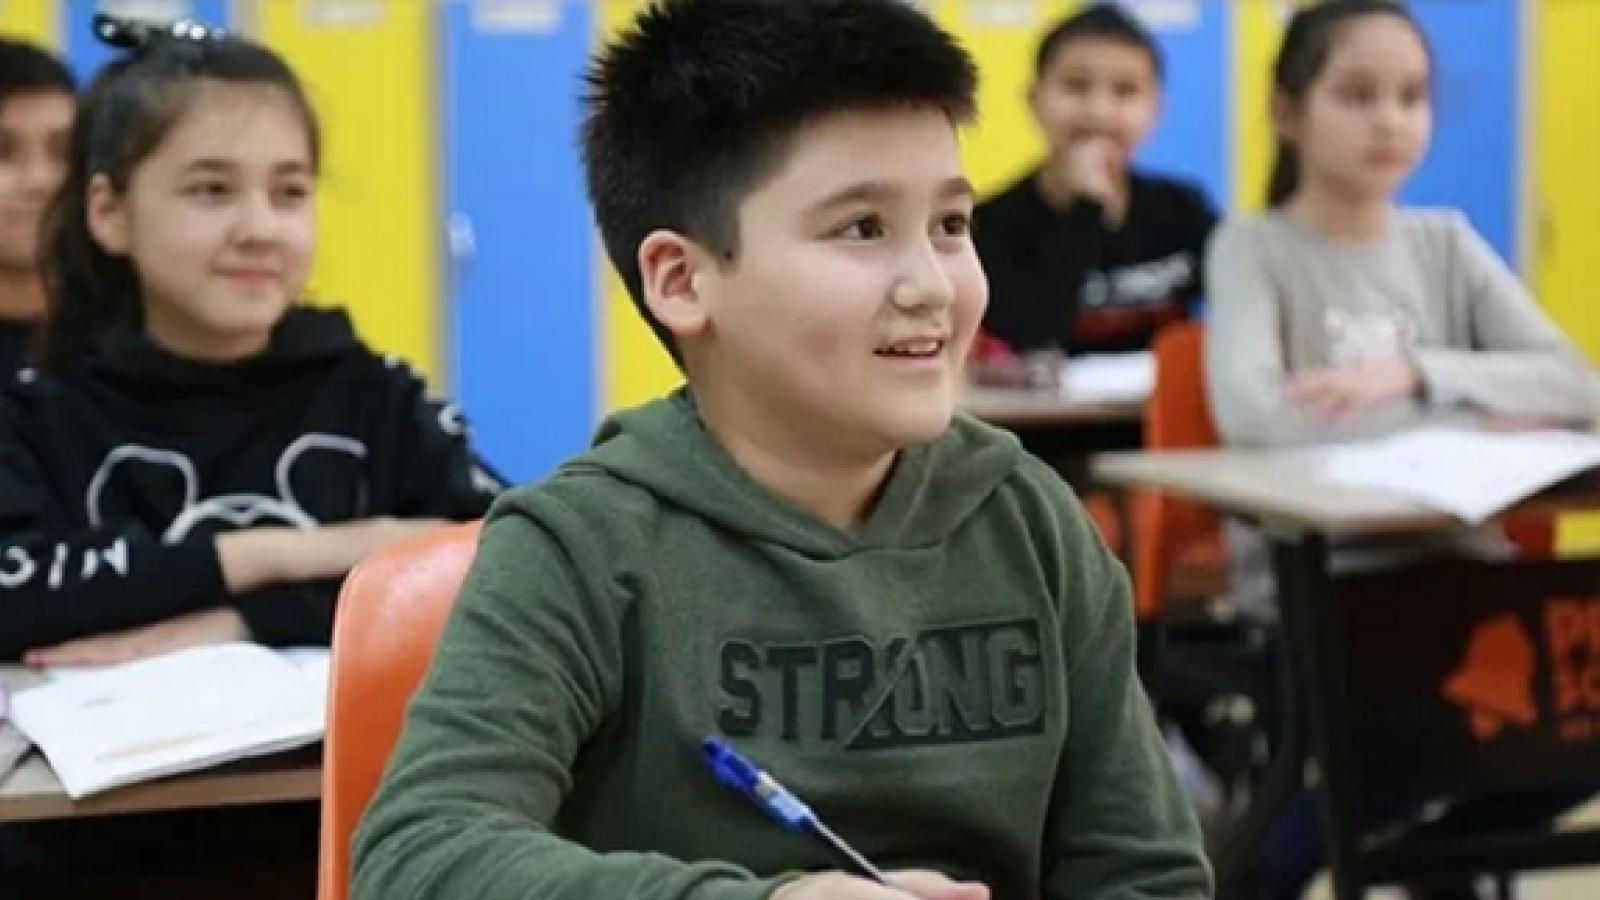 Chứng vẹo cột sống ảnh hưởng đến trẻ em như thế nào?